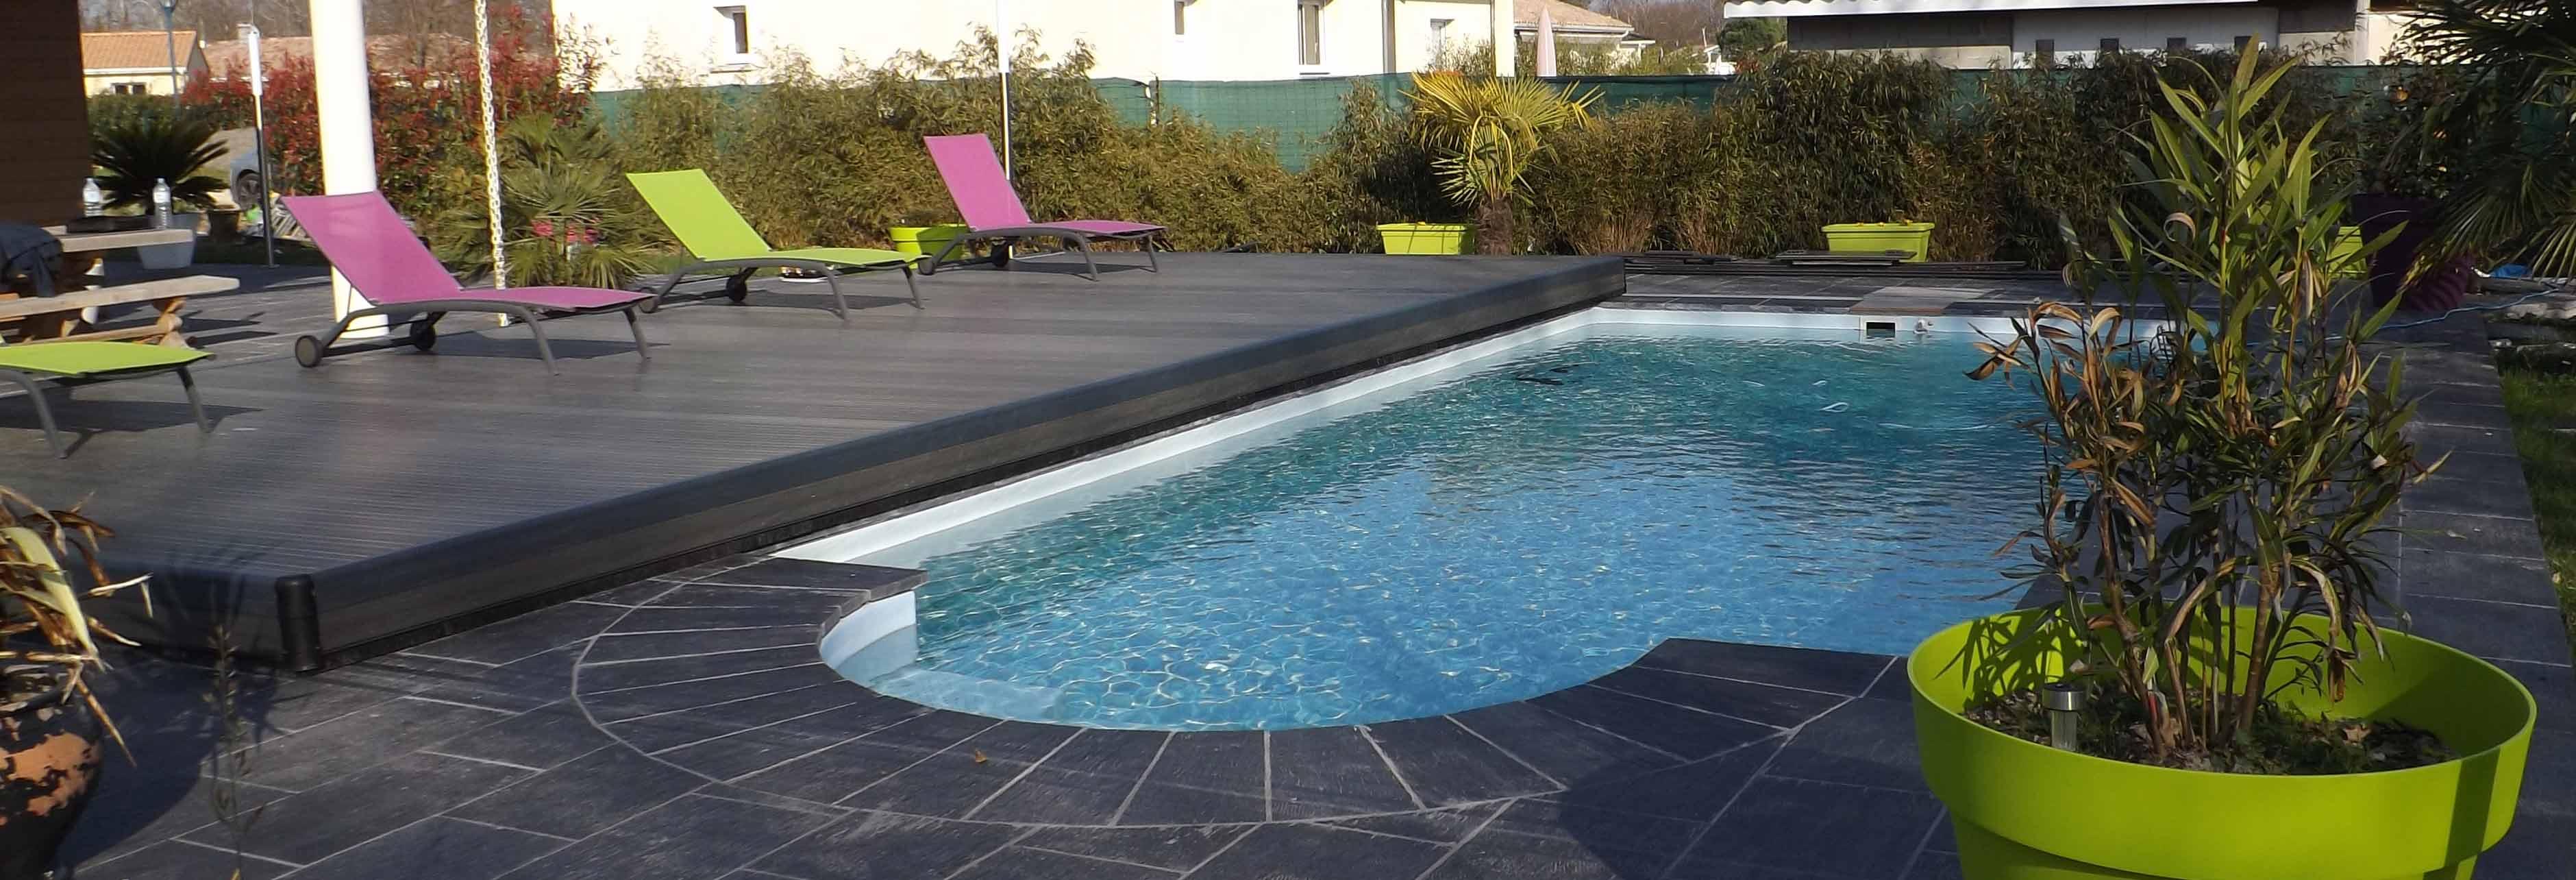 constructeur piscine beton var piscine d bordement